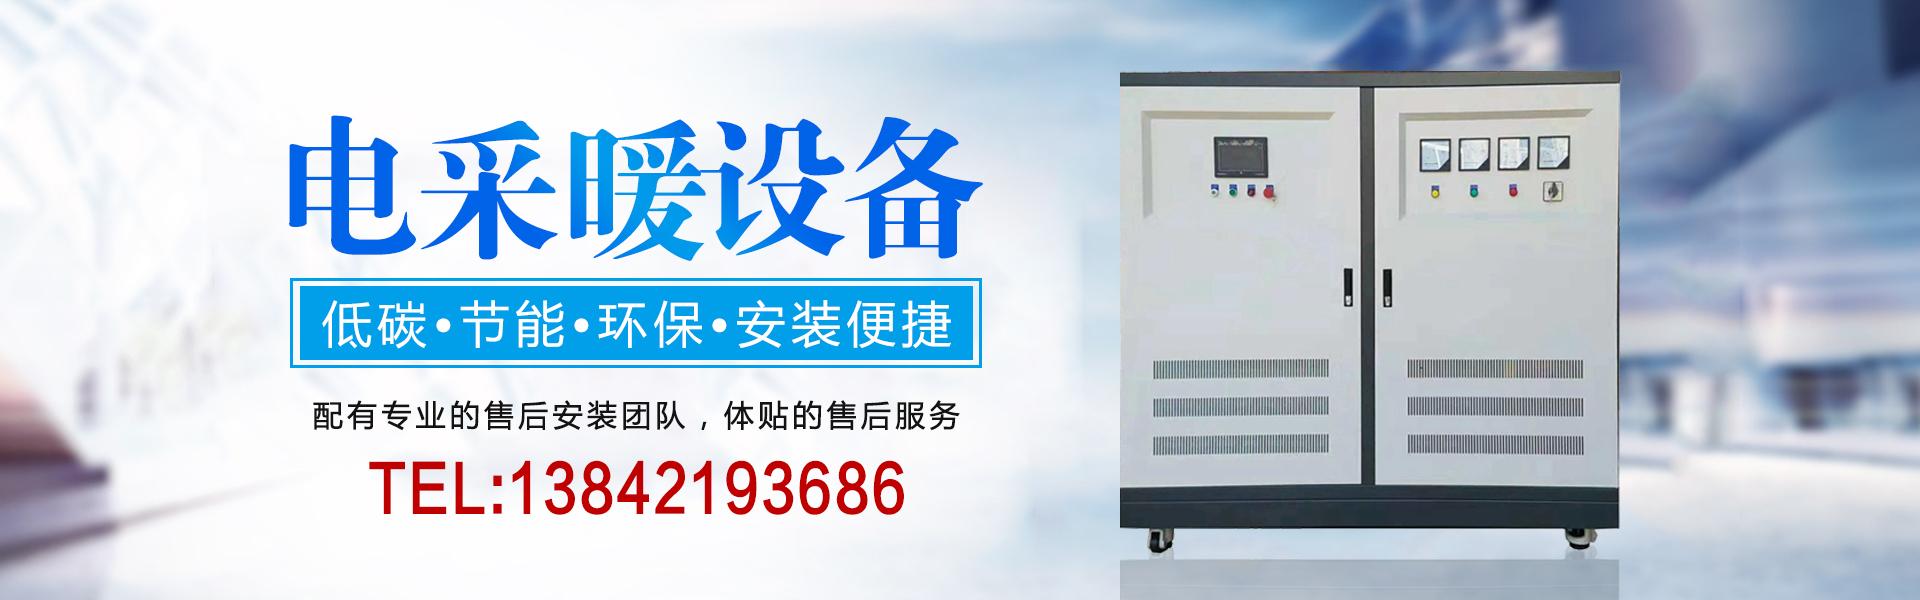 朝阳电锅炉,朝阳空气能,朝阳碳纤维电暖气,朝阳电暖气,朝阳电采暖安装